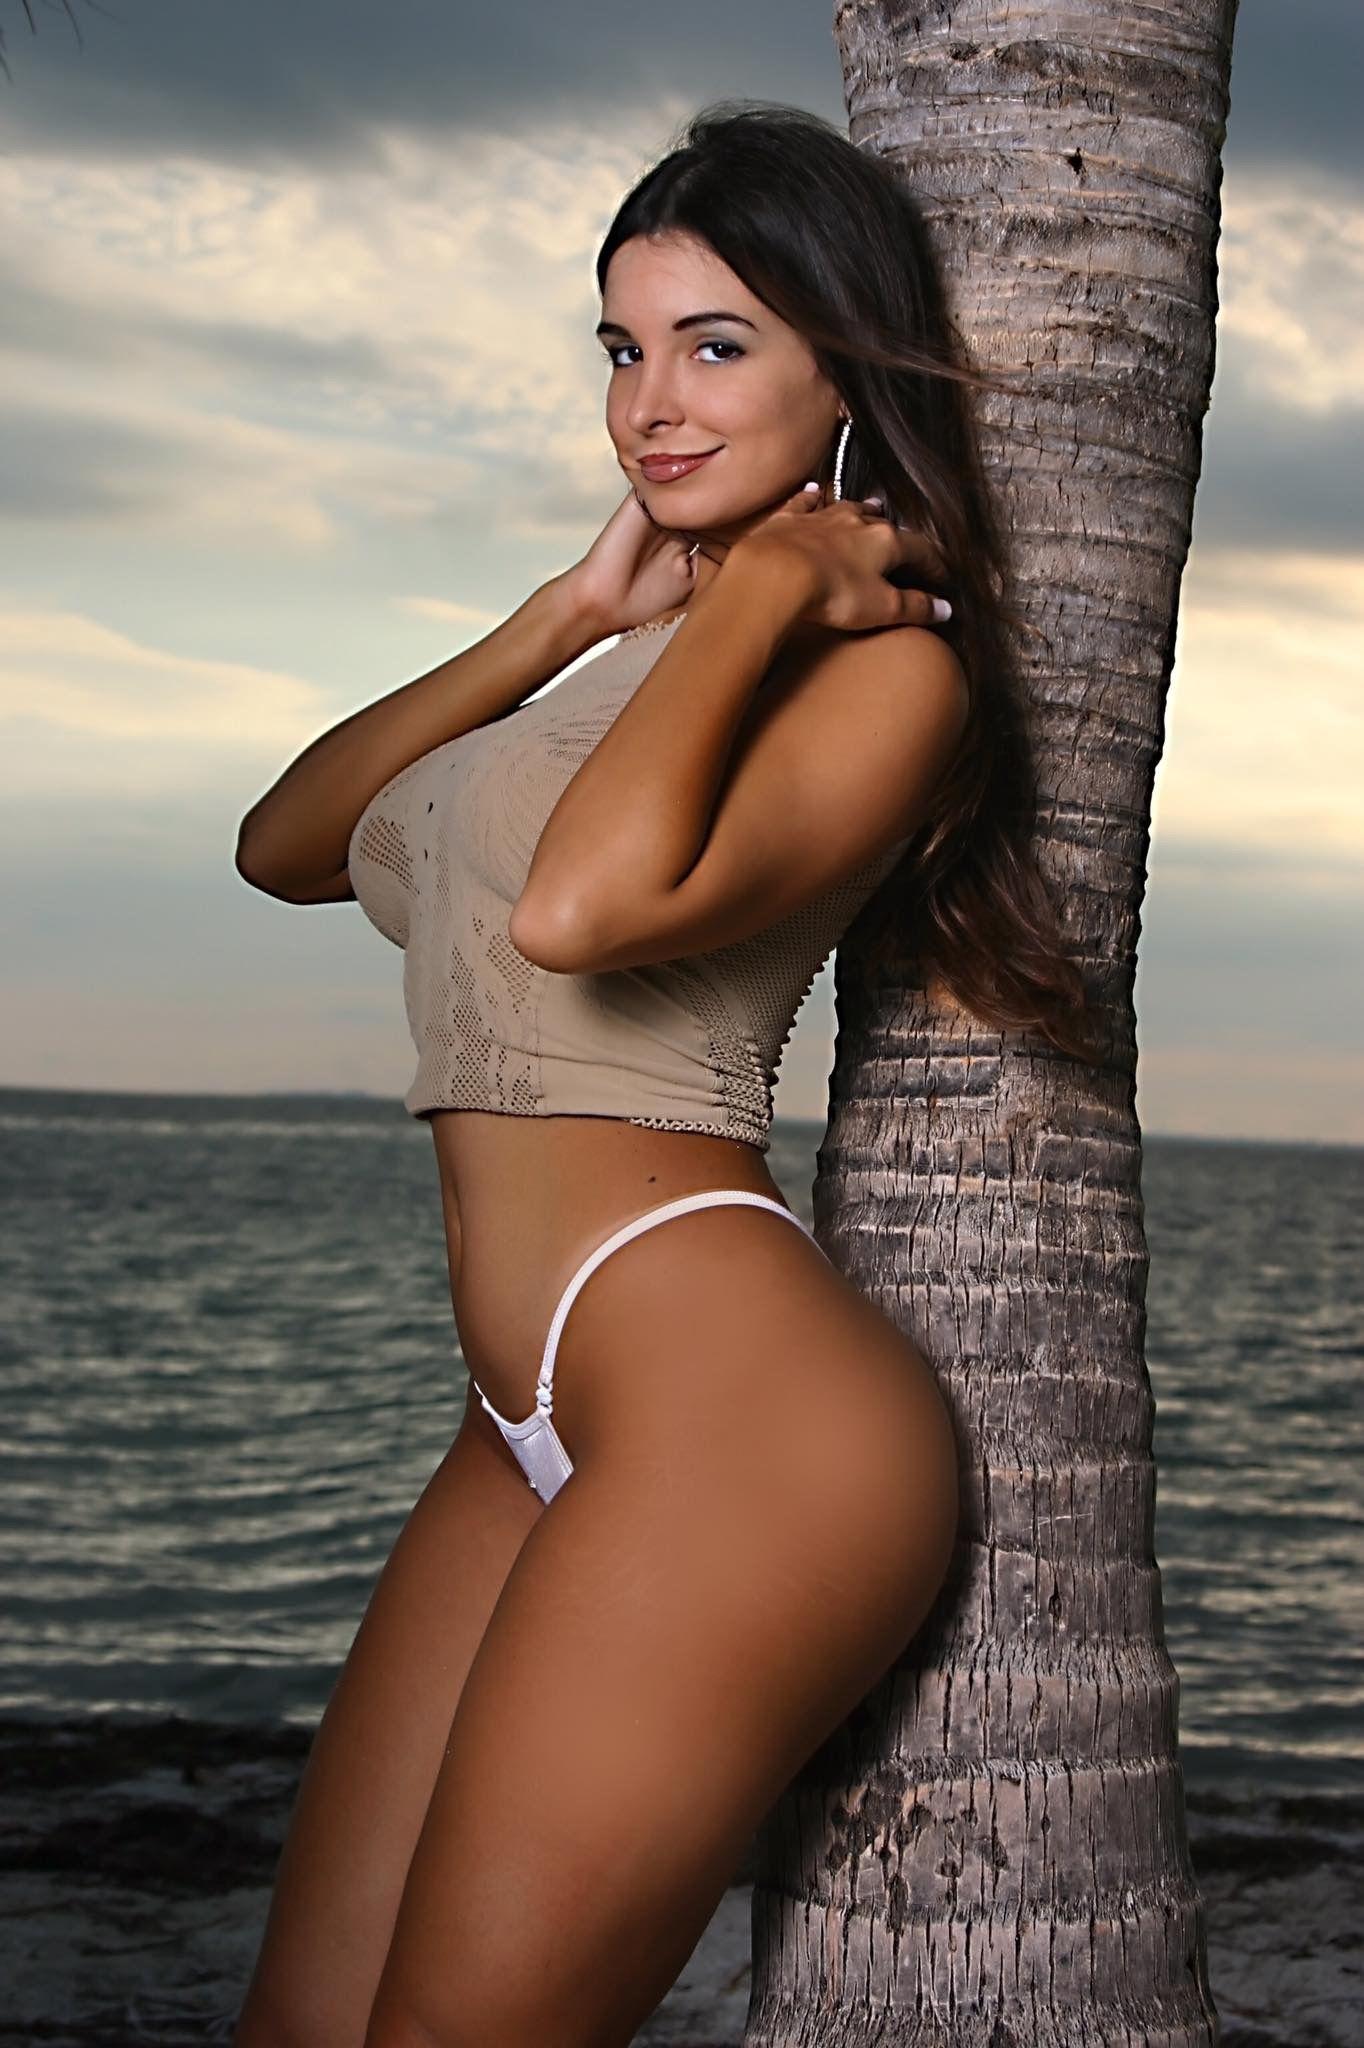 Bikini Mayra Veronica nude photos 2019